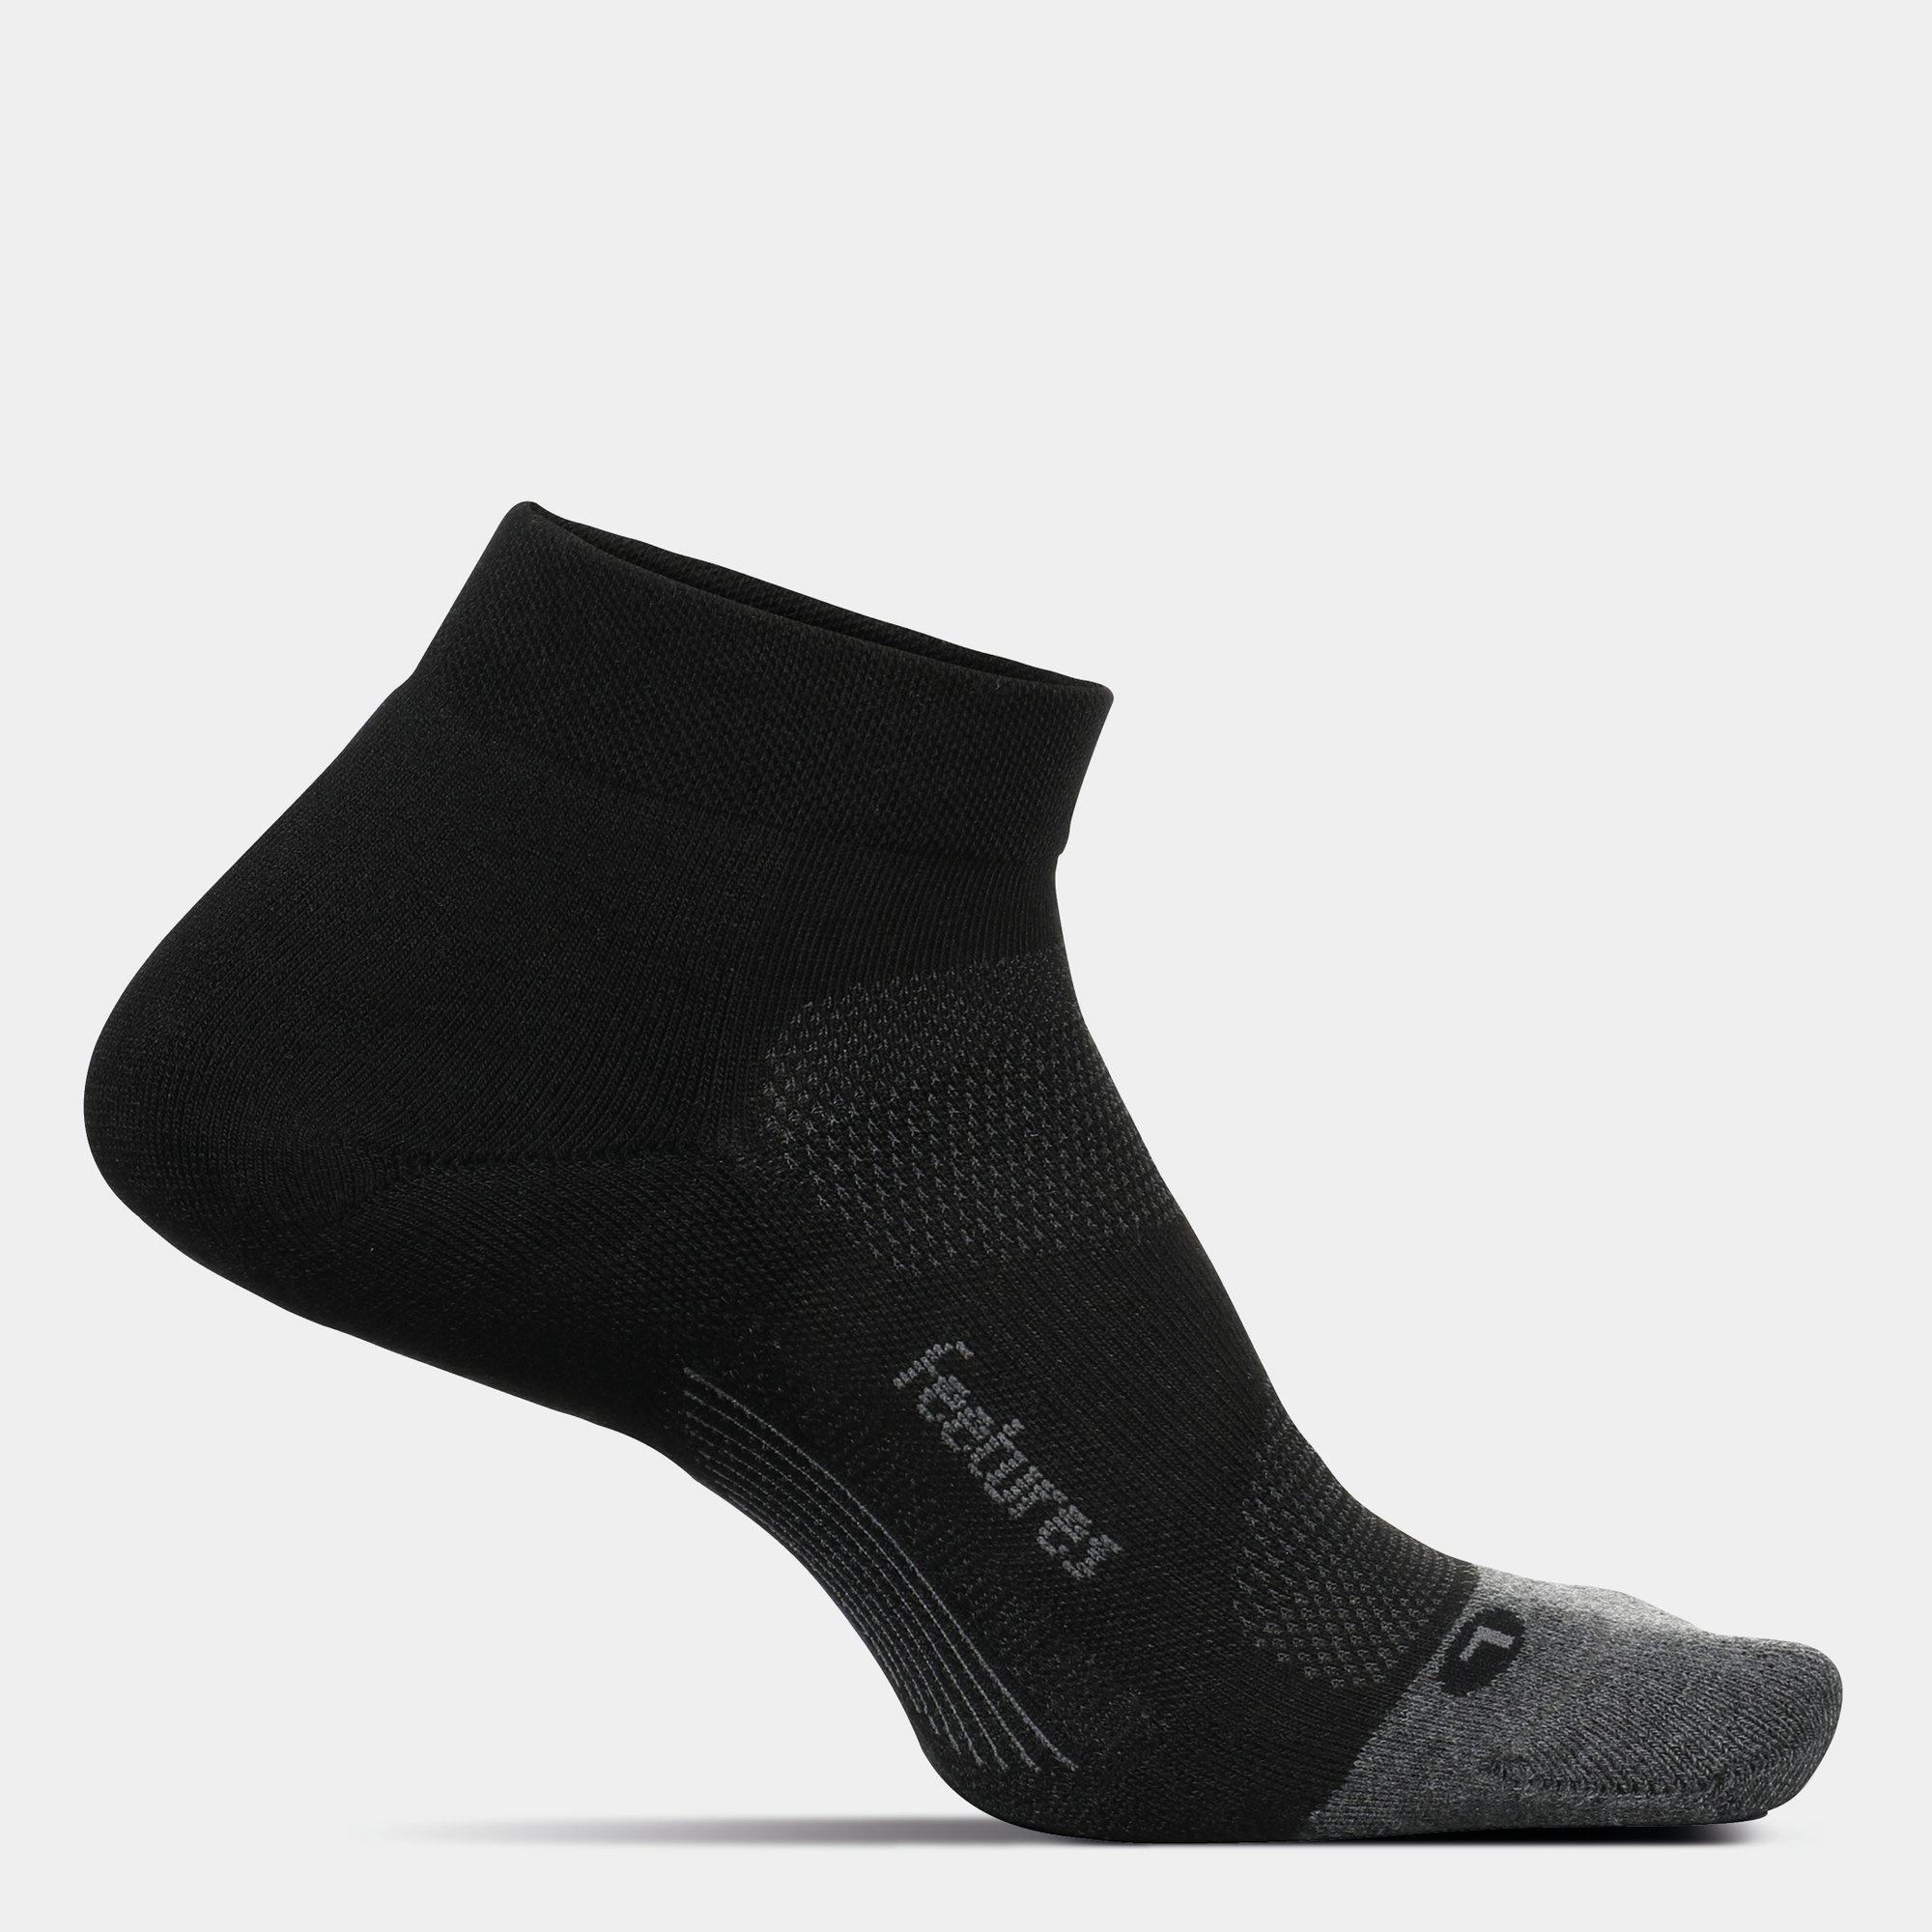 Feetures Elite Max Cushion Low Cut